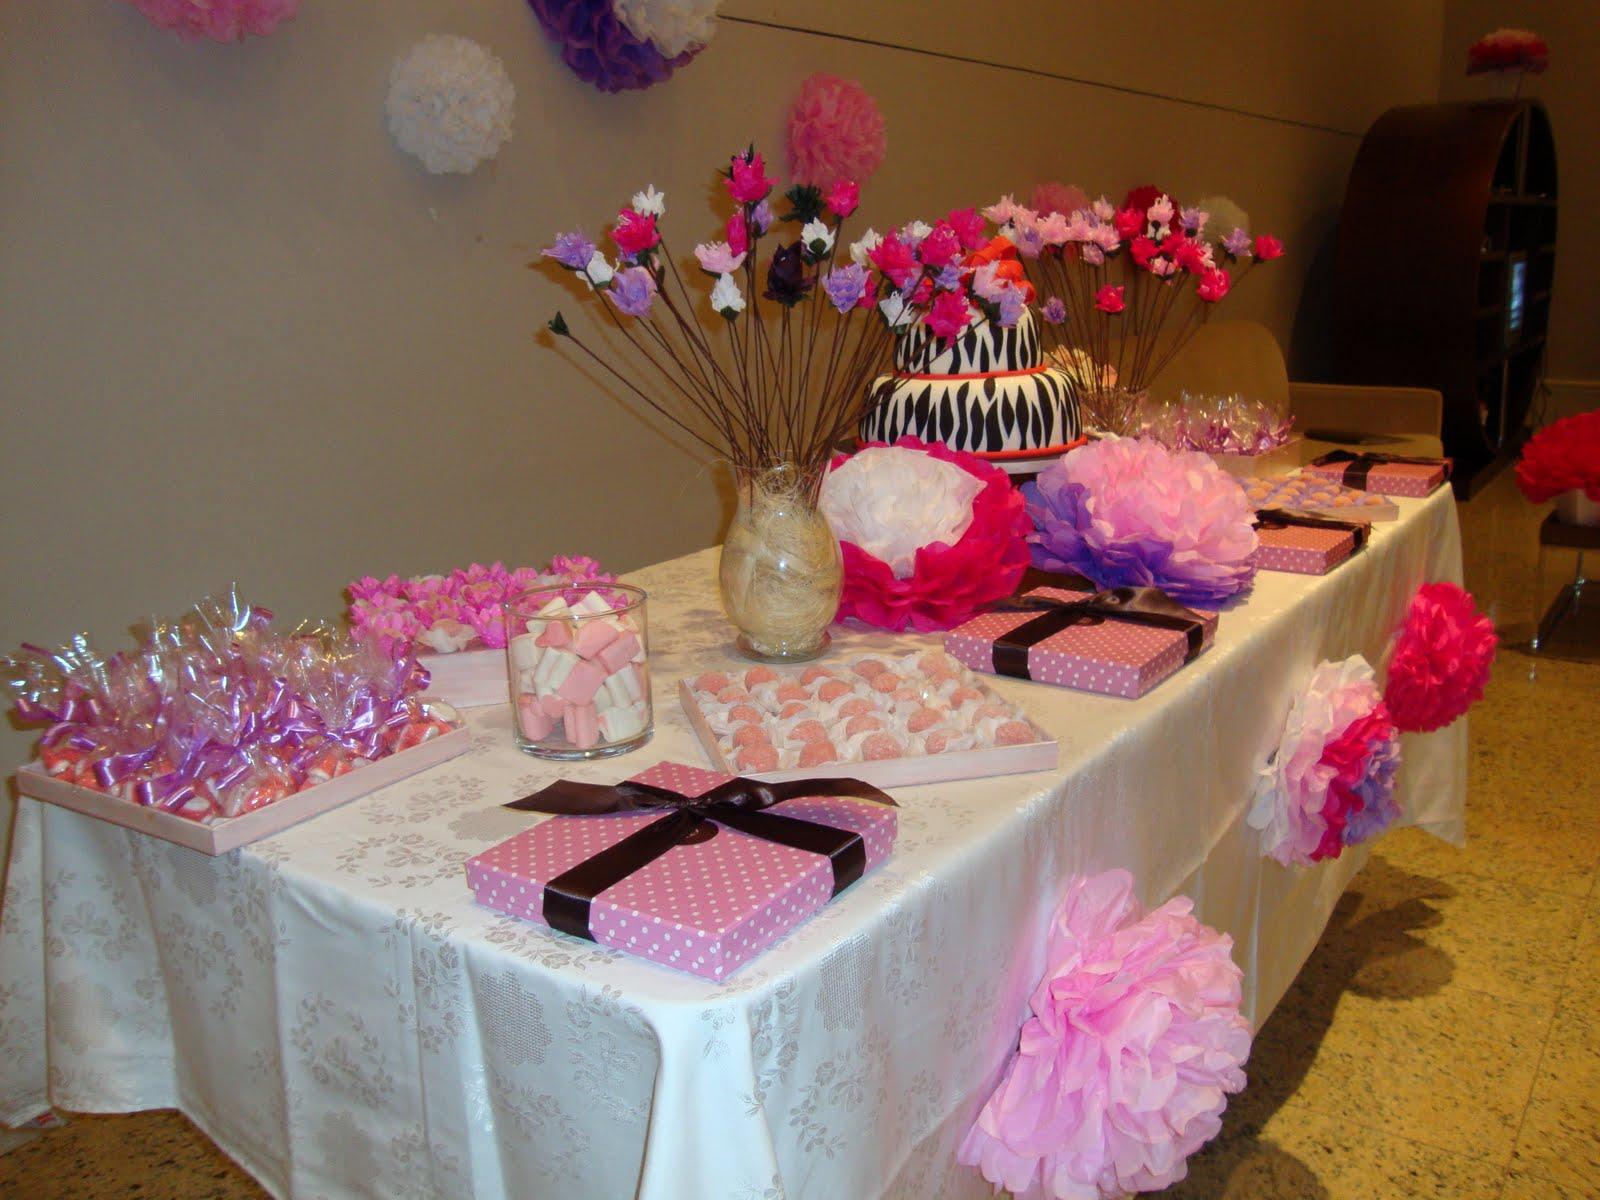 Flores De Aniversario: Giverny Eventos: Festa De Aniversário Com Flores De Papel